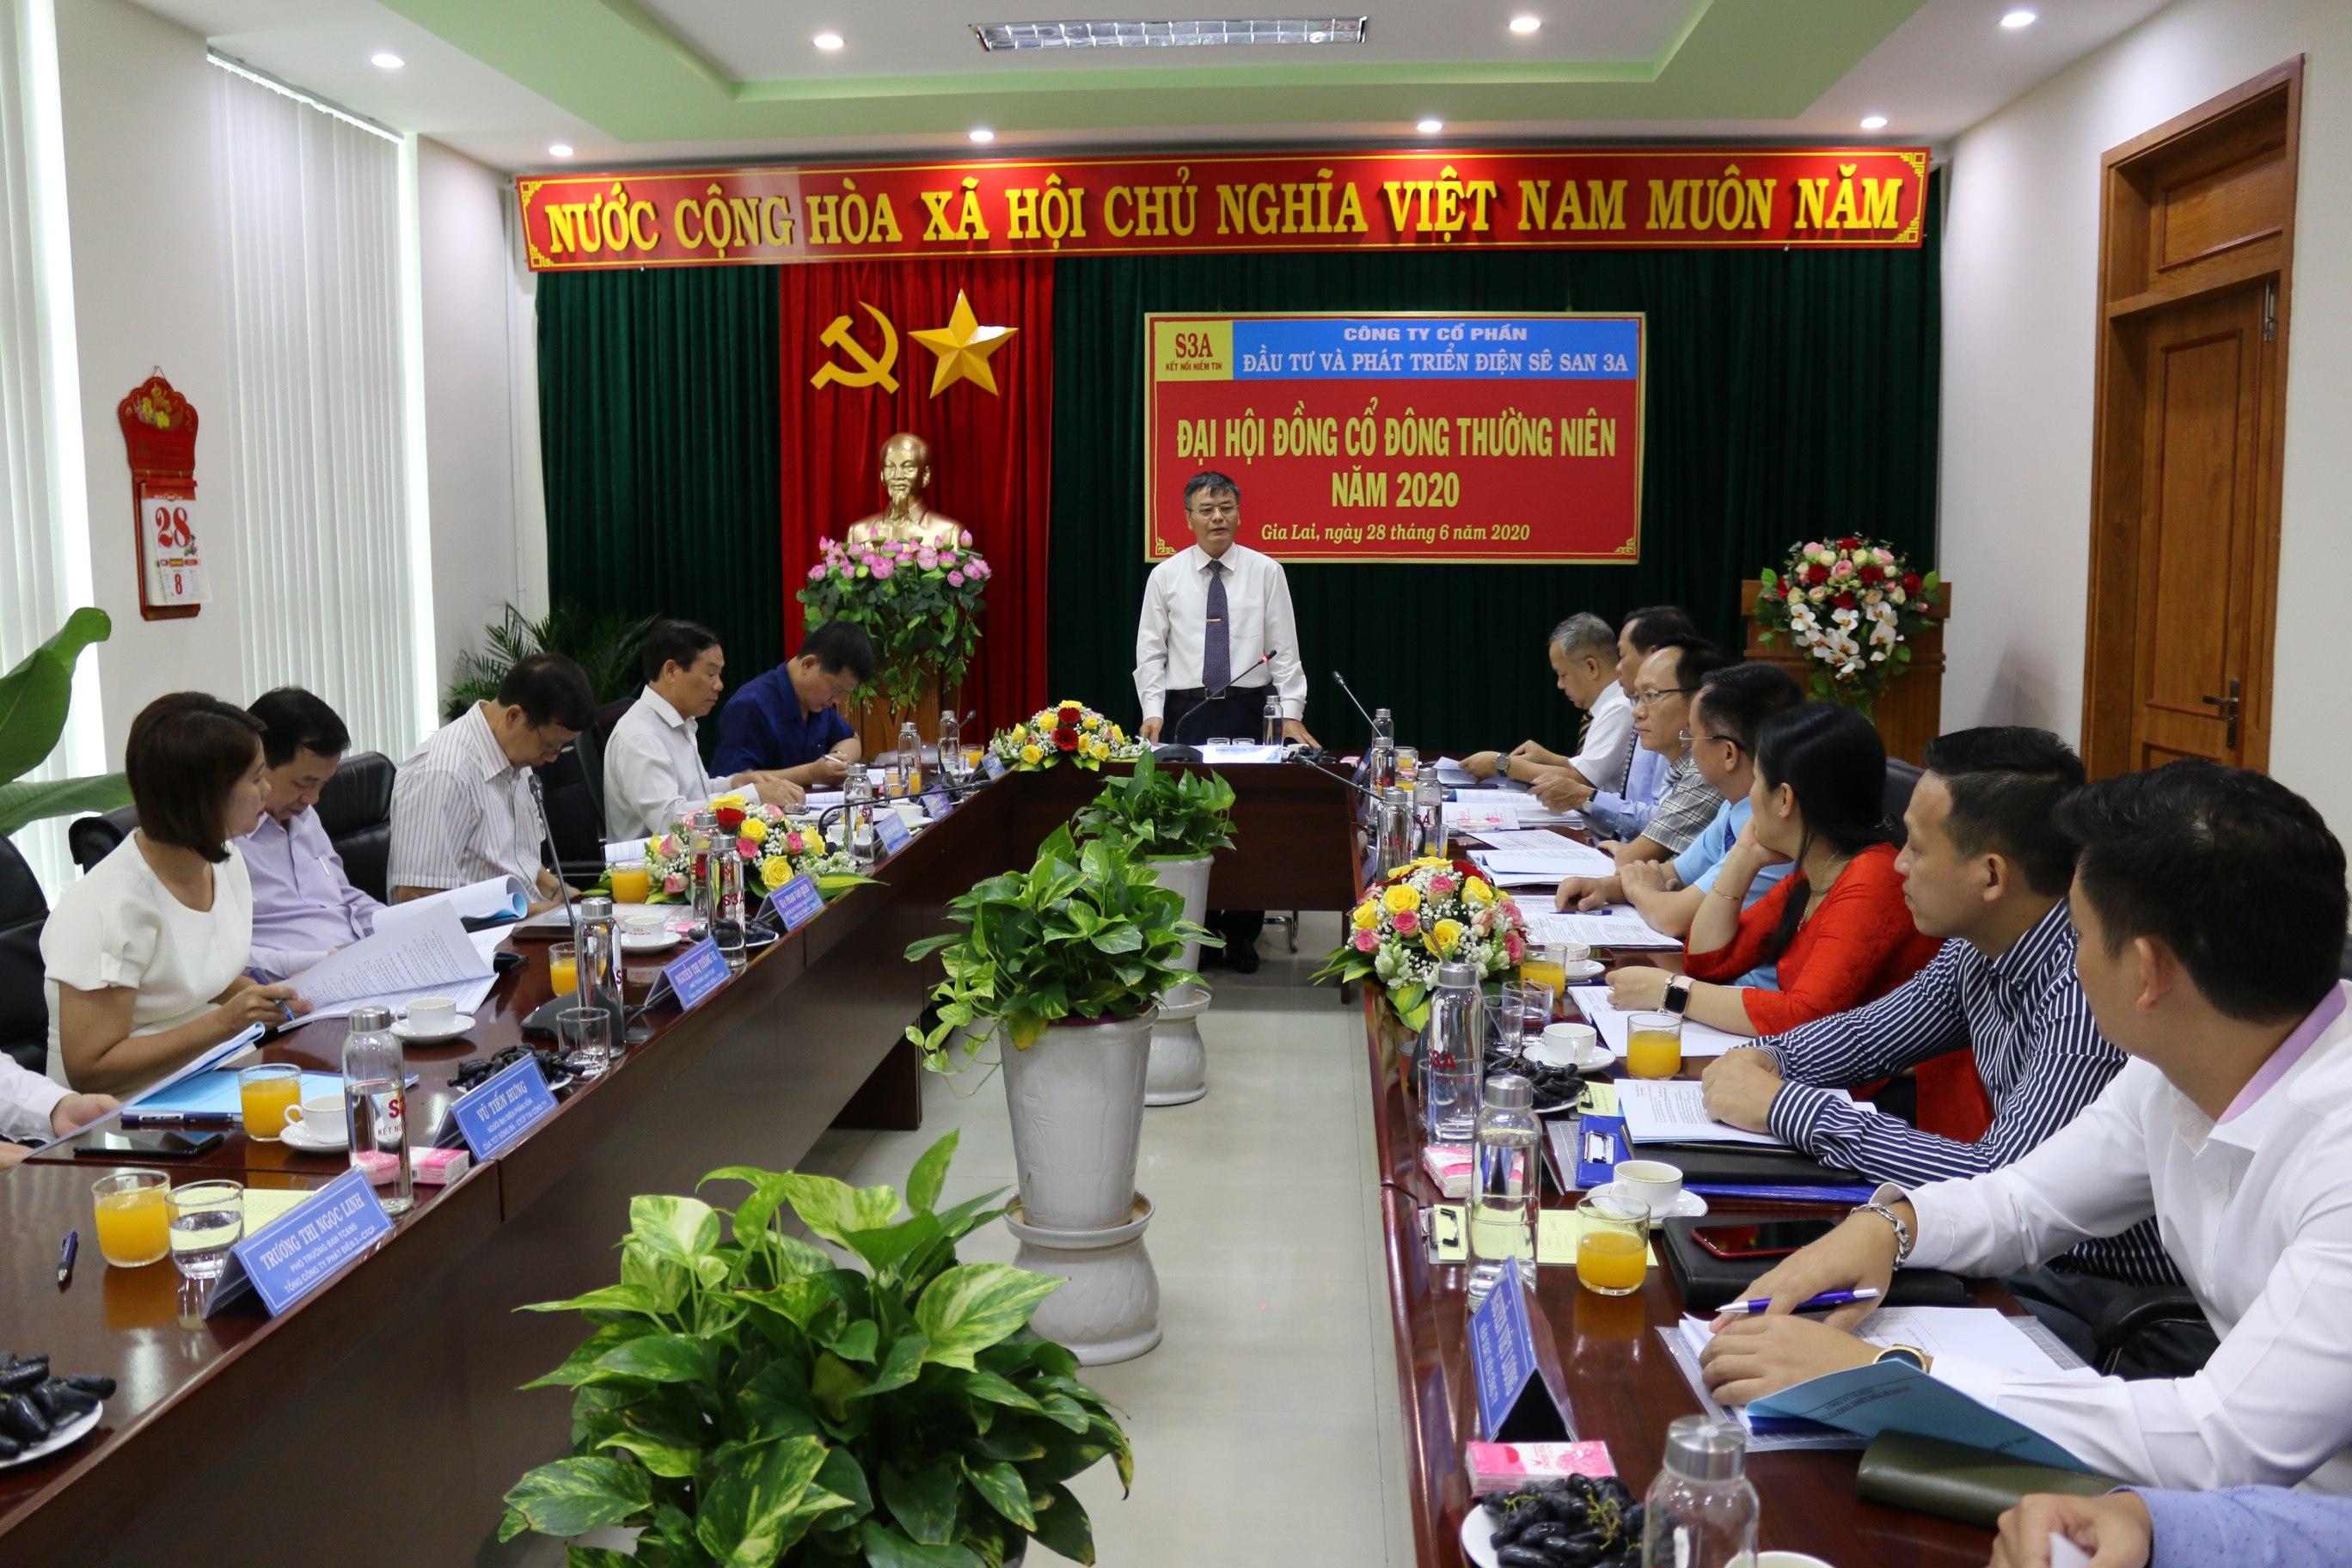 Sê San 3A tổ chức thành công Đại hội đồng cổ đông thường niên năm 2020